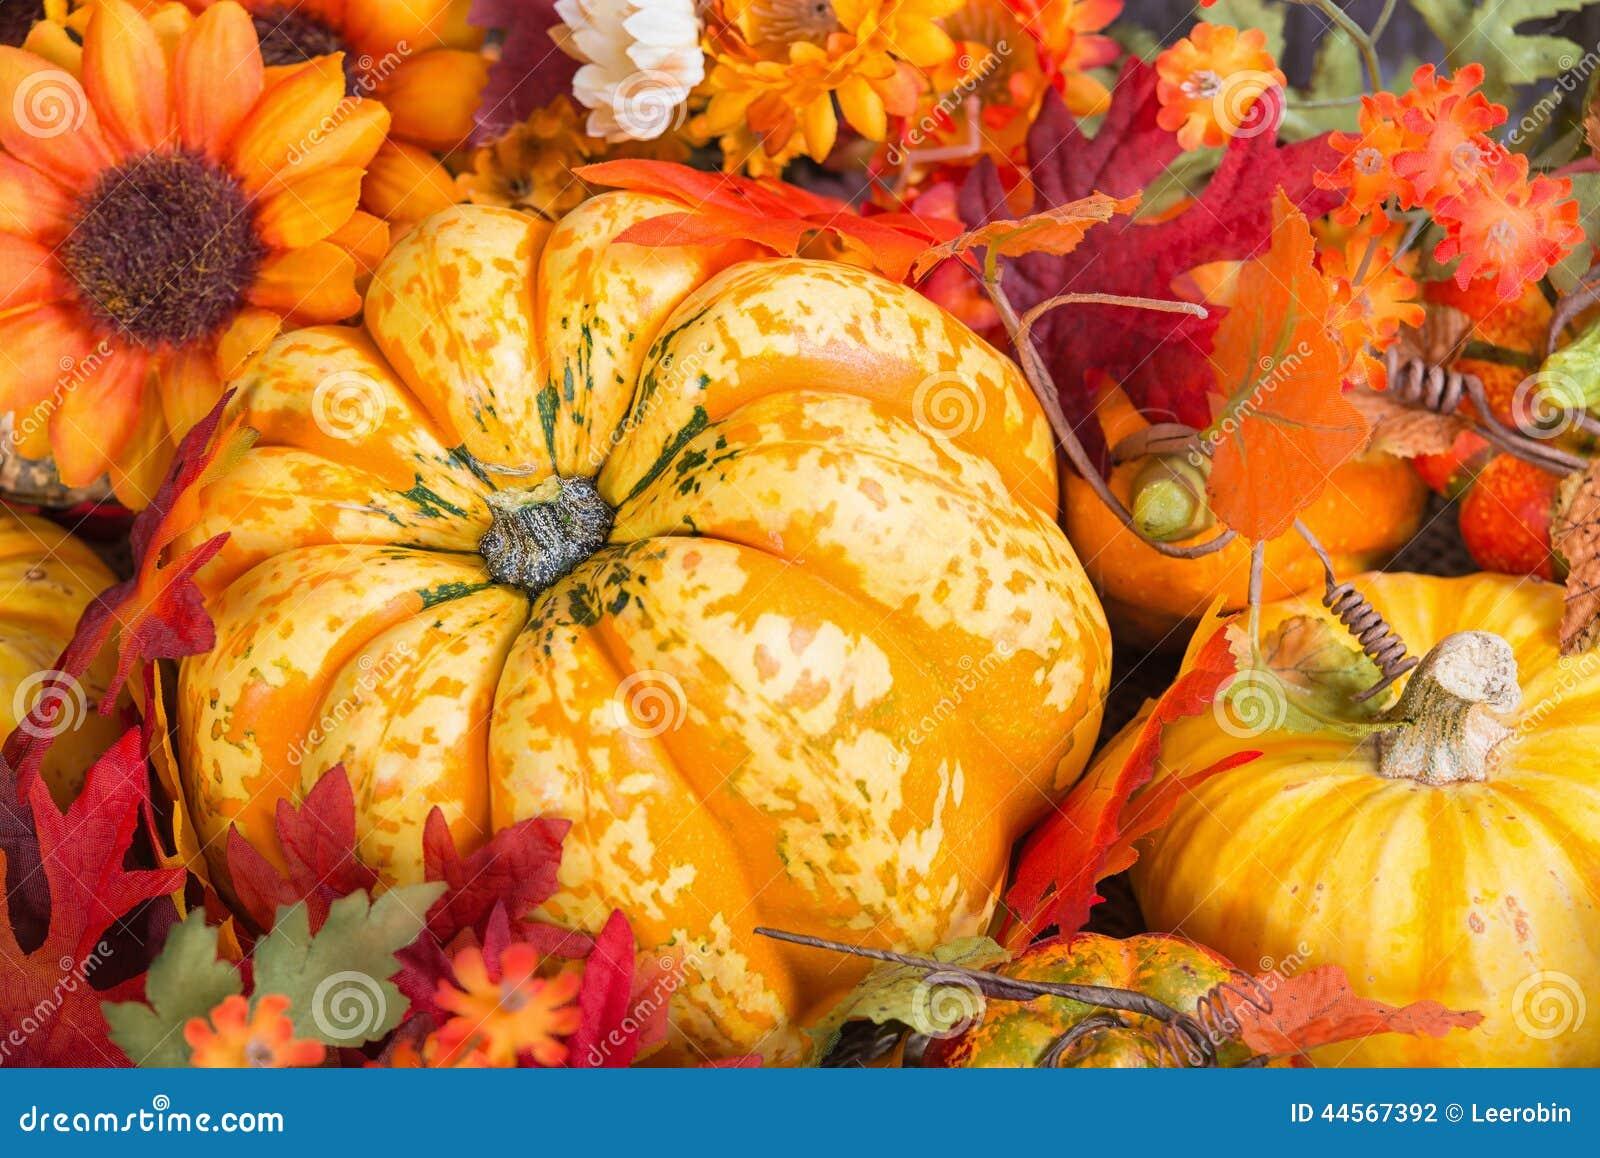 Plan rapproch d 39 un affichage color d 39 automne avec un fruit de courge photo stock image 44567392 - Images d automne gratuites ...